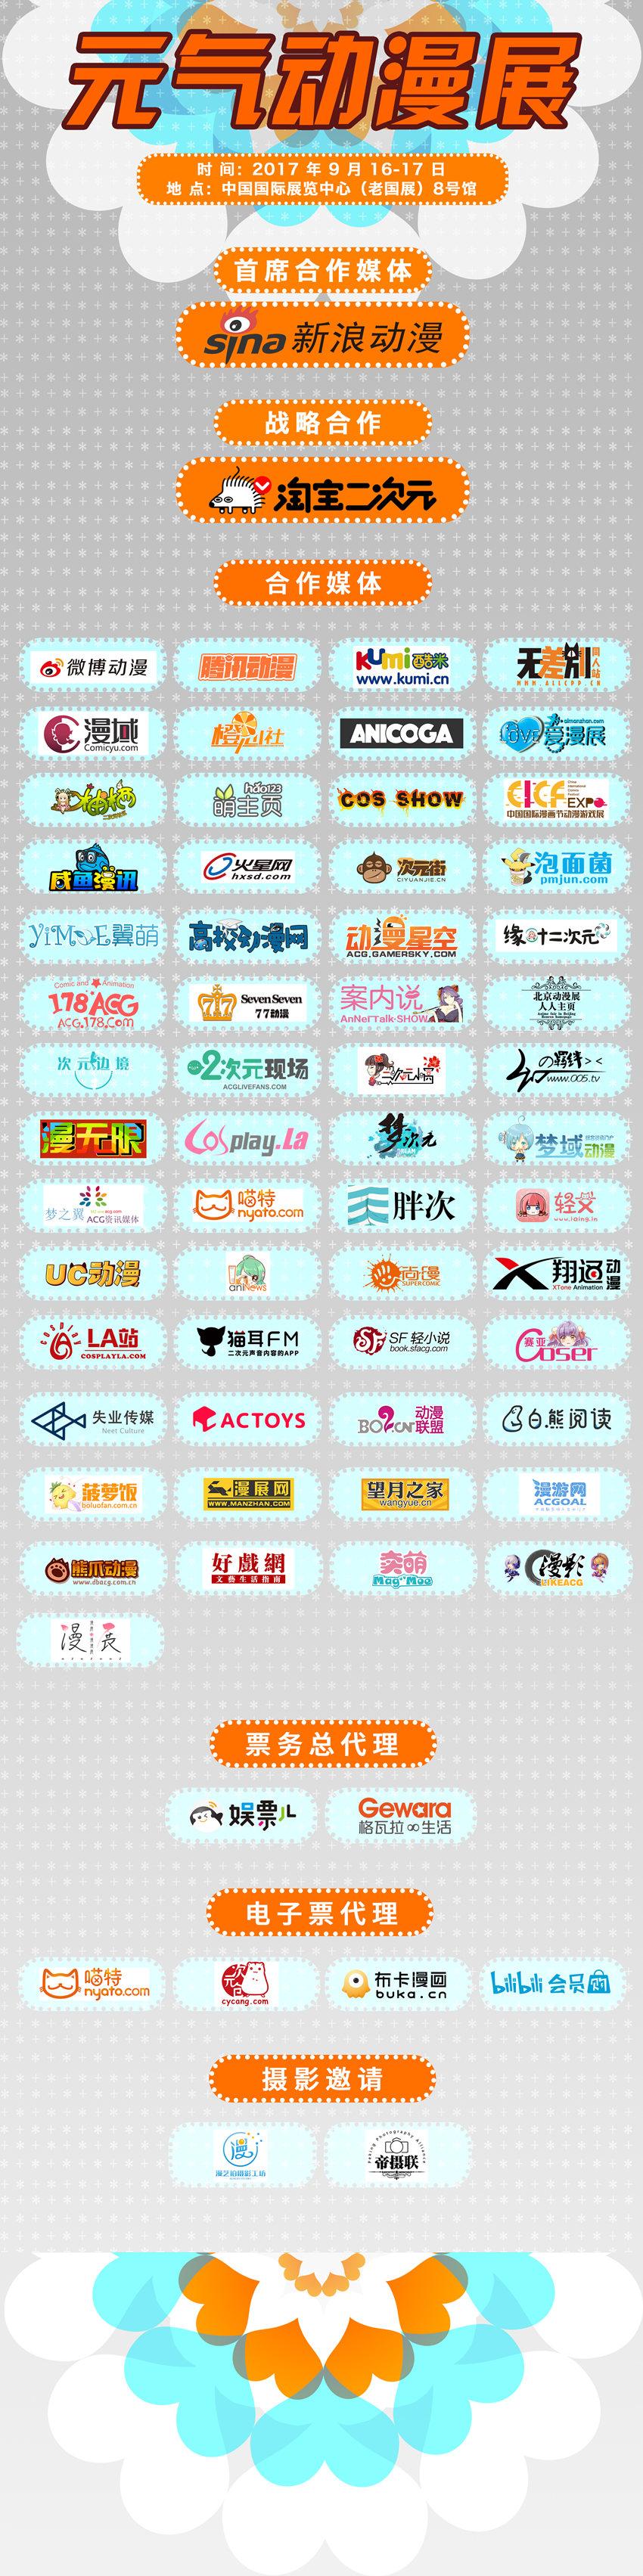 活动新闻图片Fri Sep 08 2017 10:35:20 GMT+0800 (中国标准时间)-12